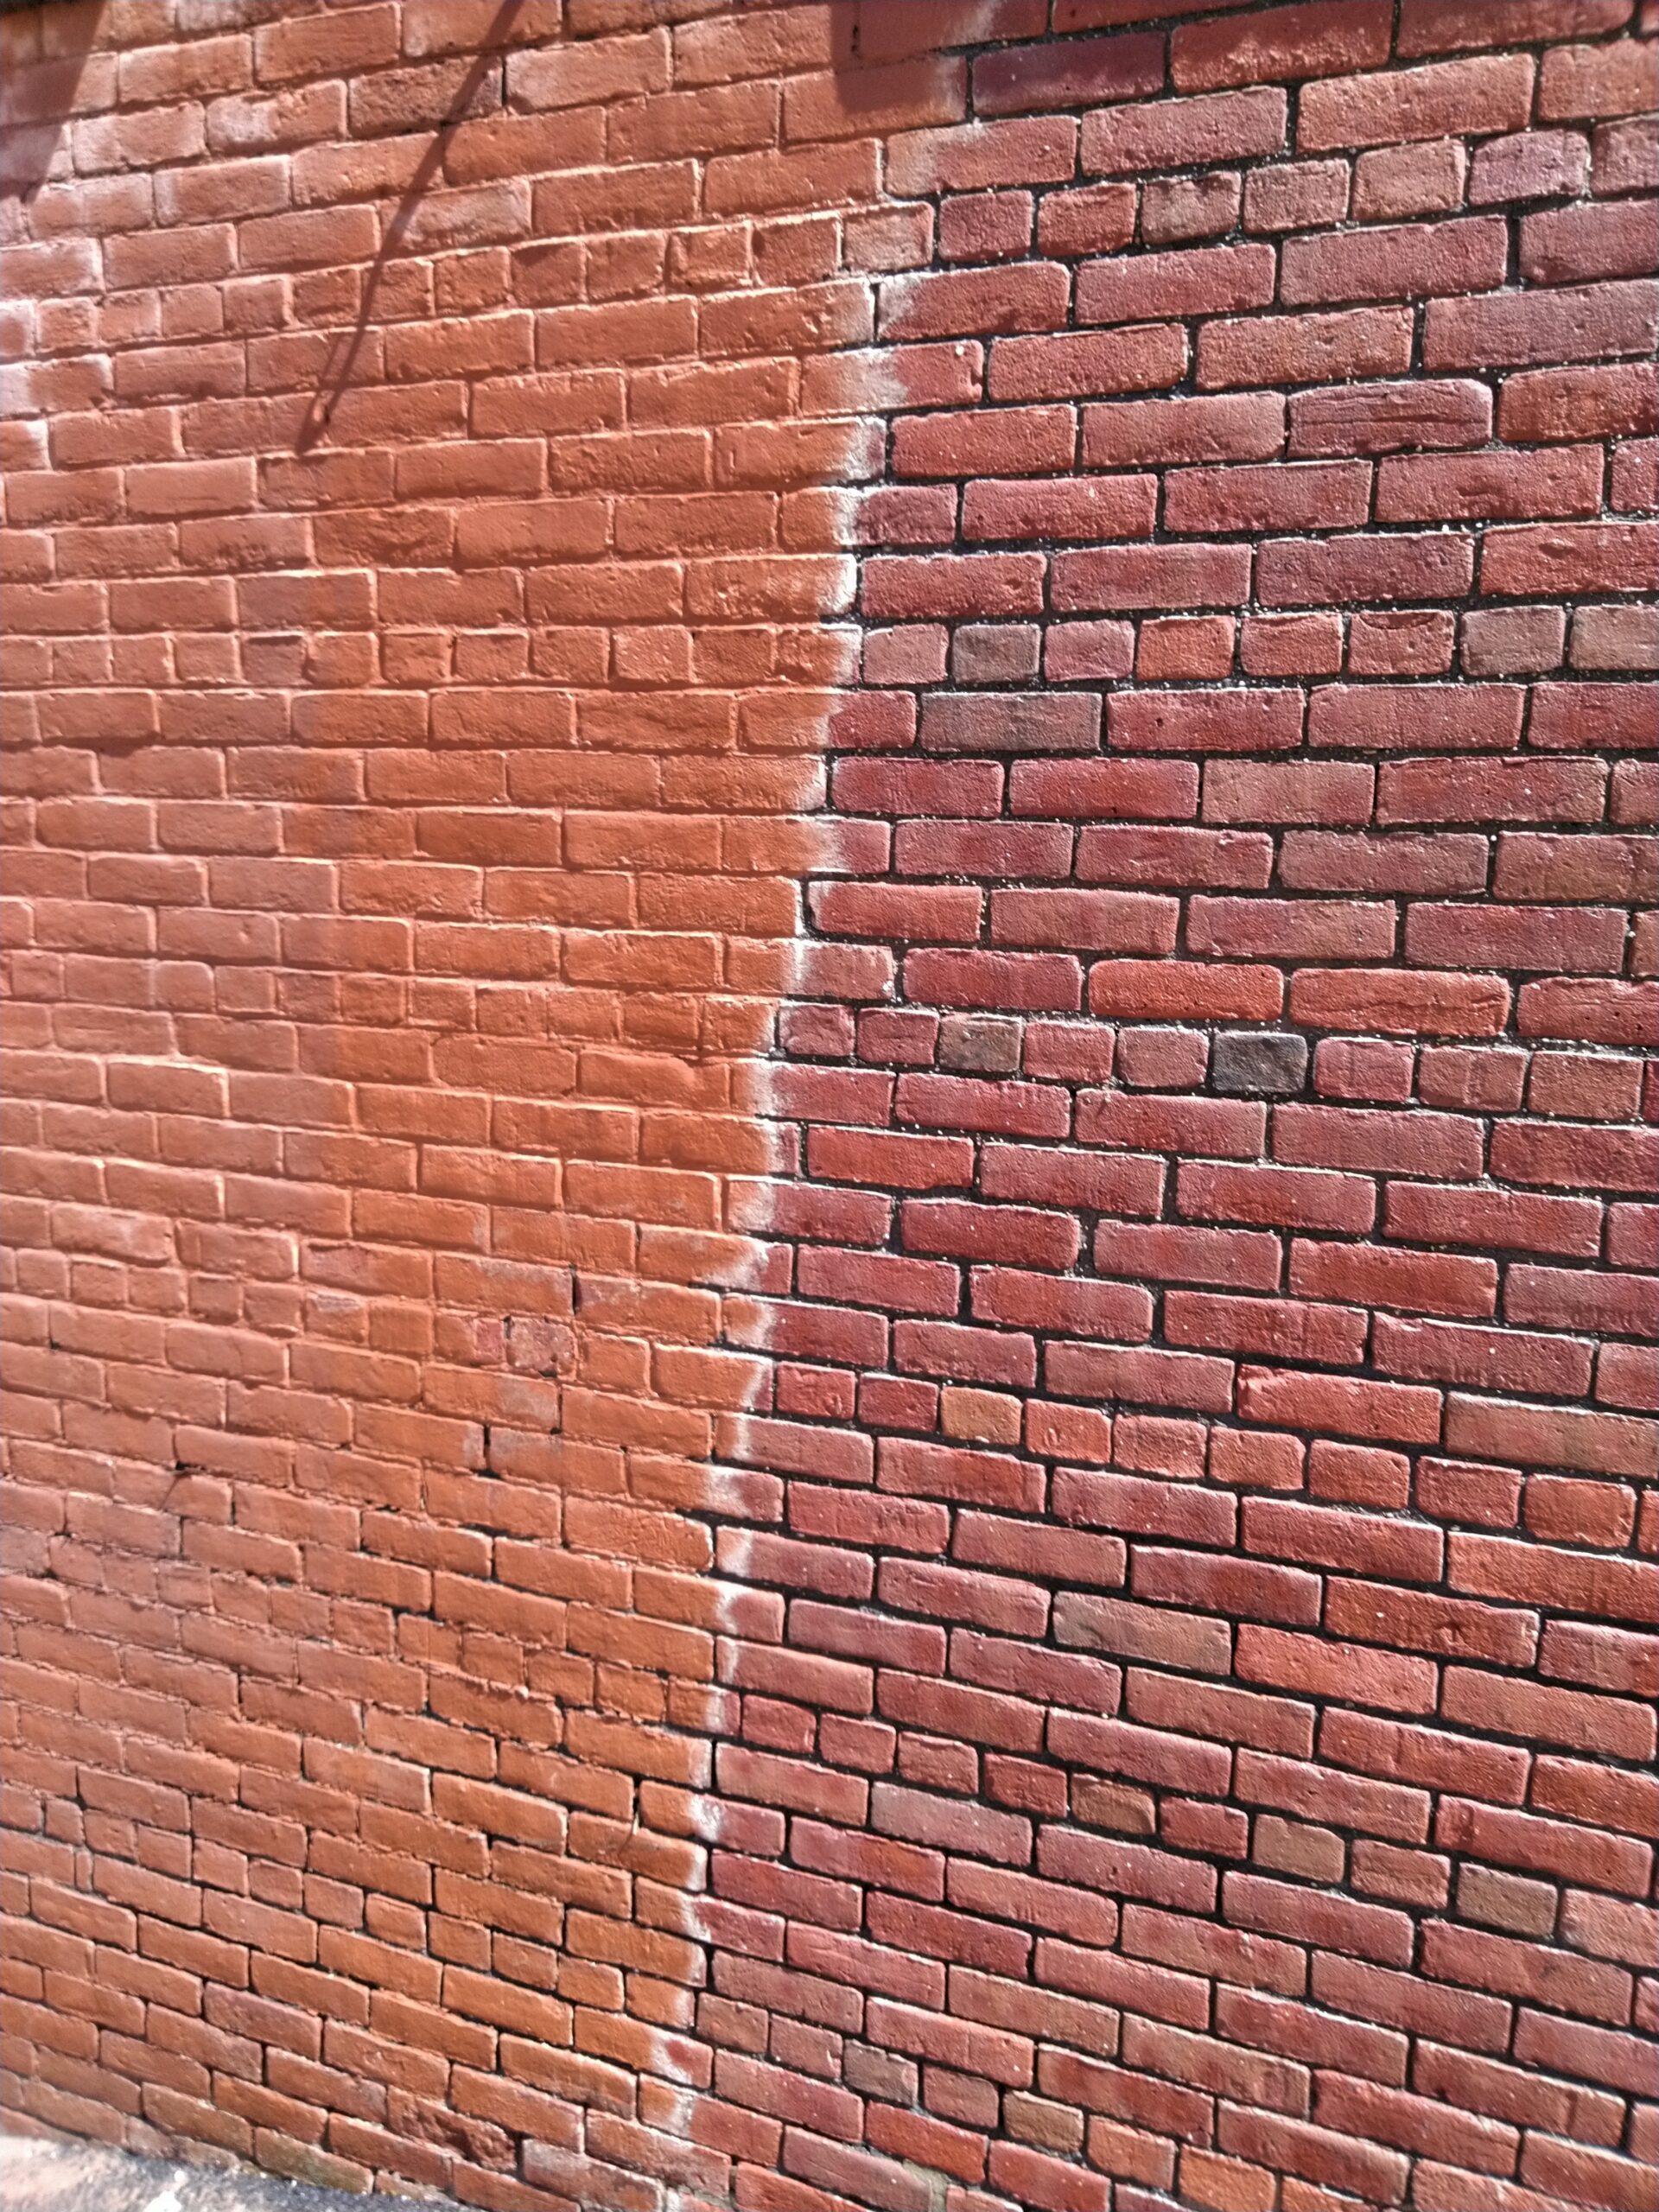 Maritime Blasting brick